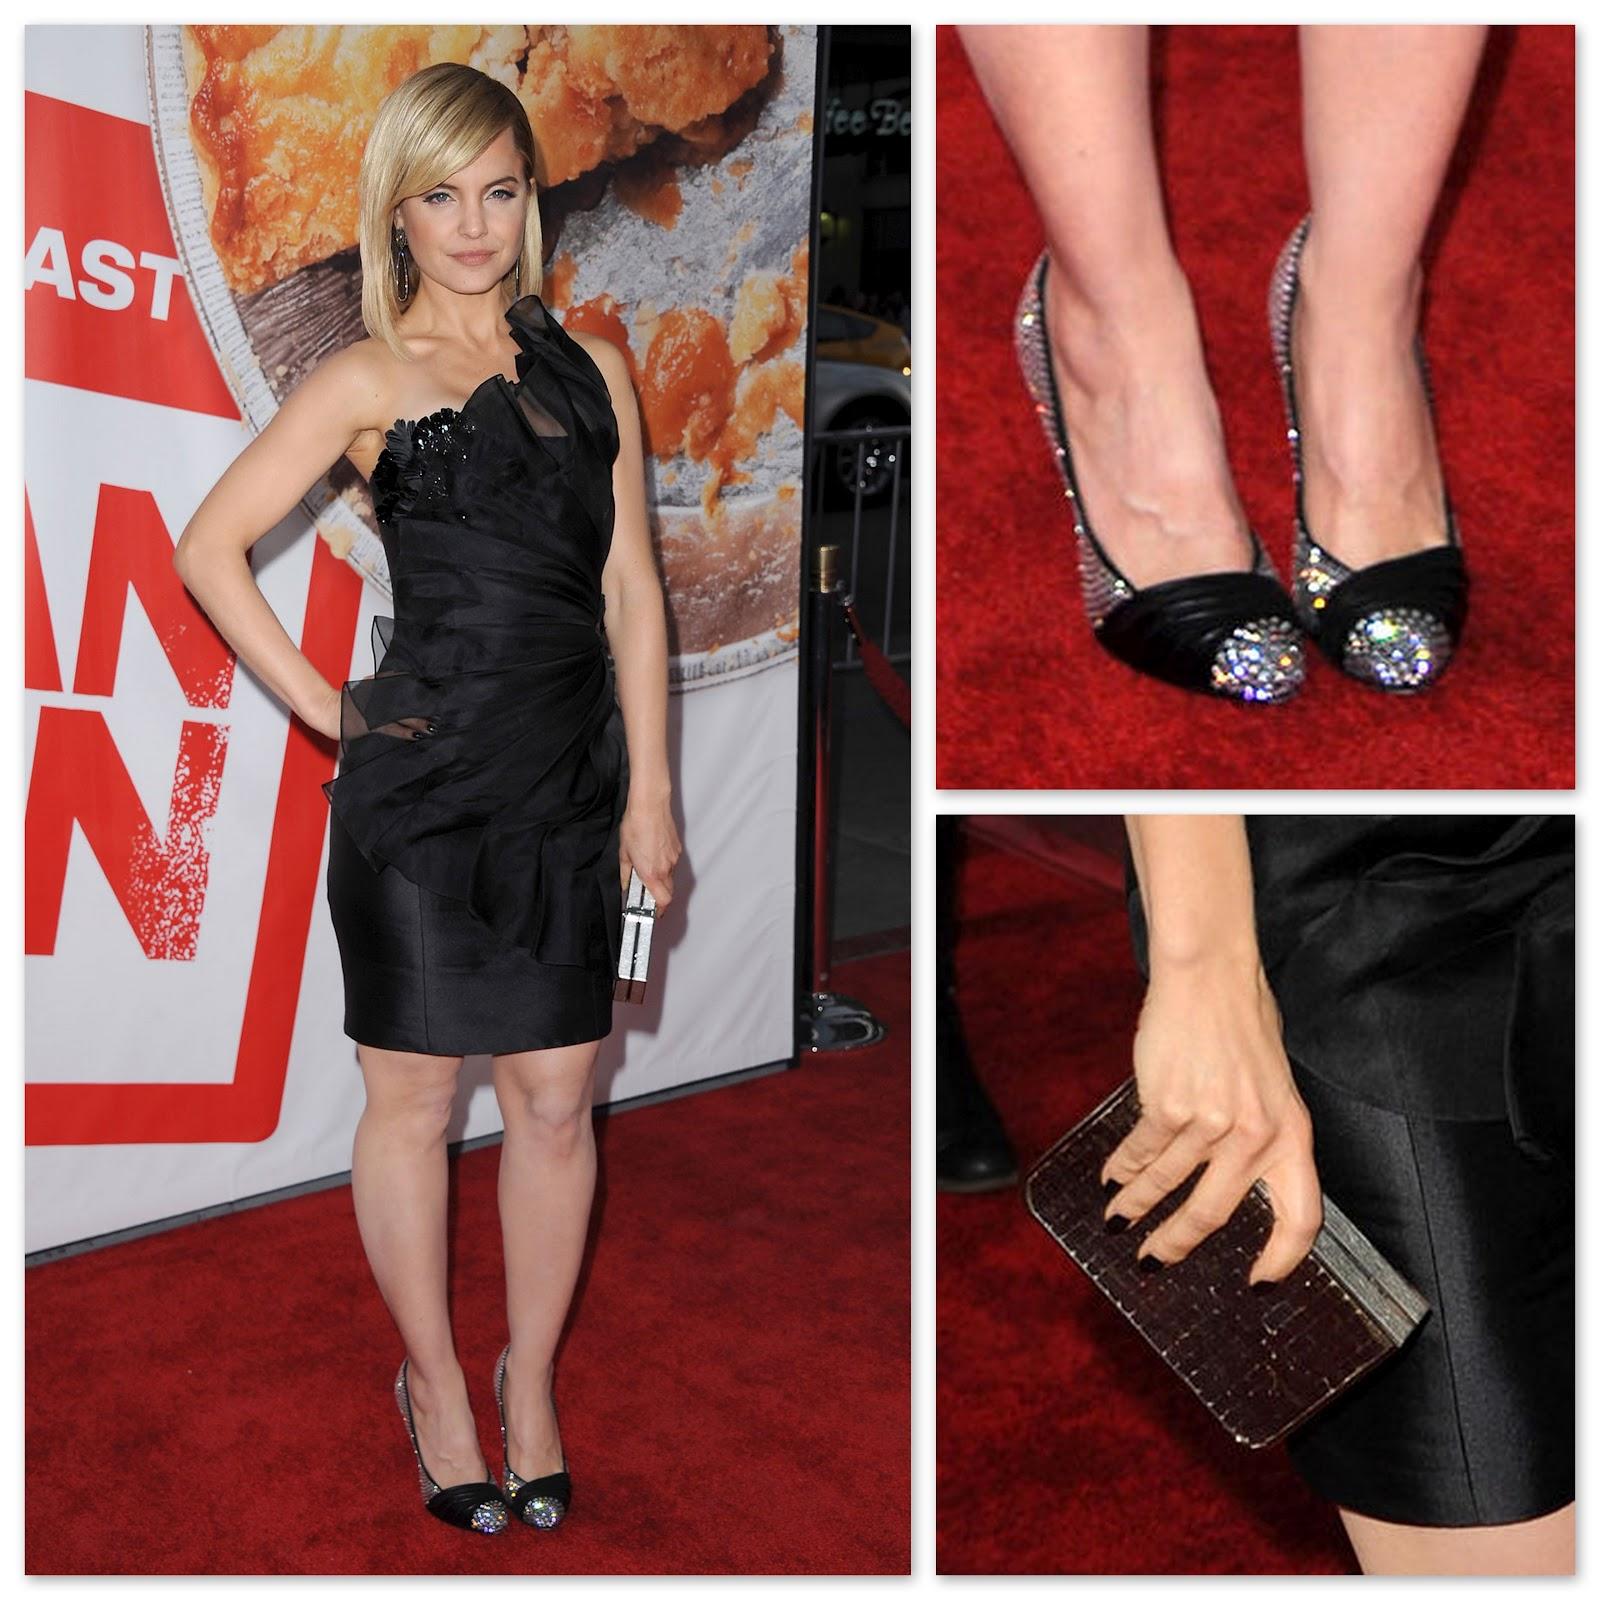 http://4.bp.blogspot.com/-y2kpBWK6YaA/T2-yKeHmT0I/AAAAAAAAGLo/uv3dr05ImfQ/s1600/best+dressed9.jpg